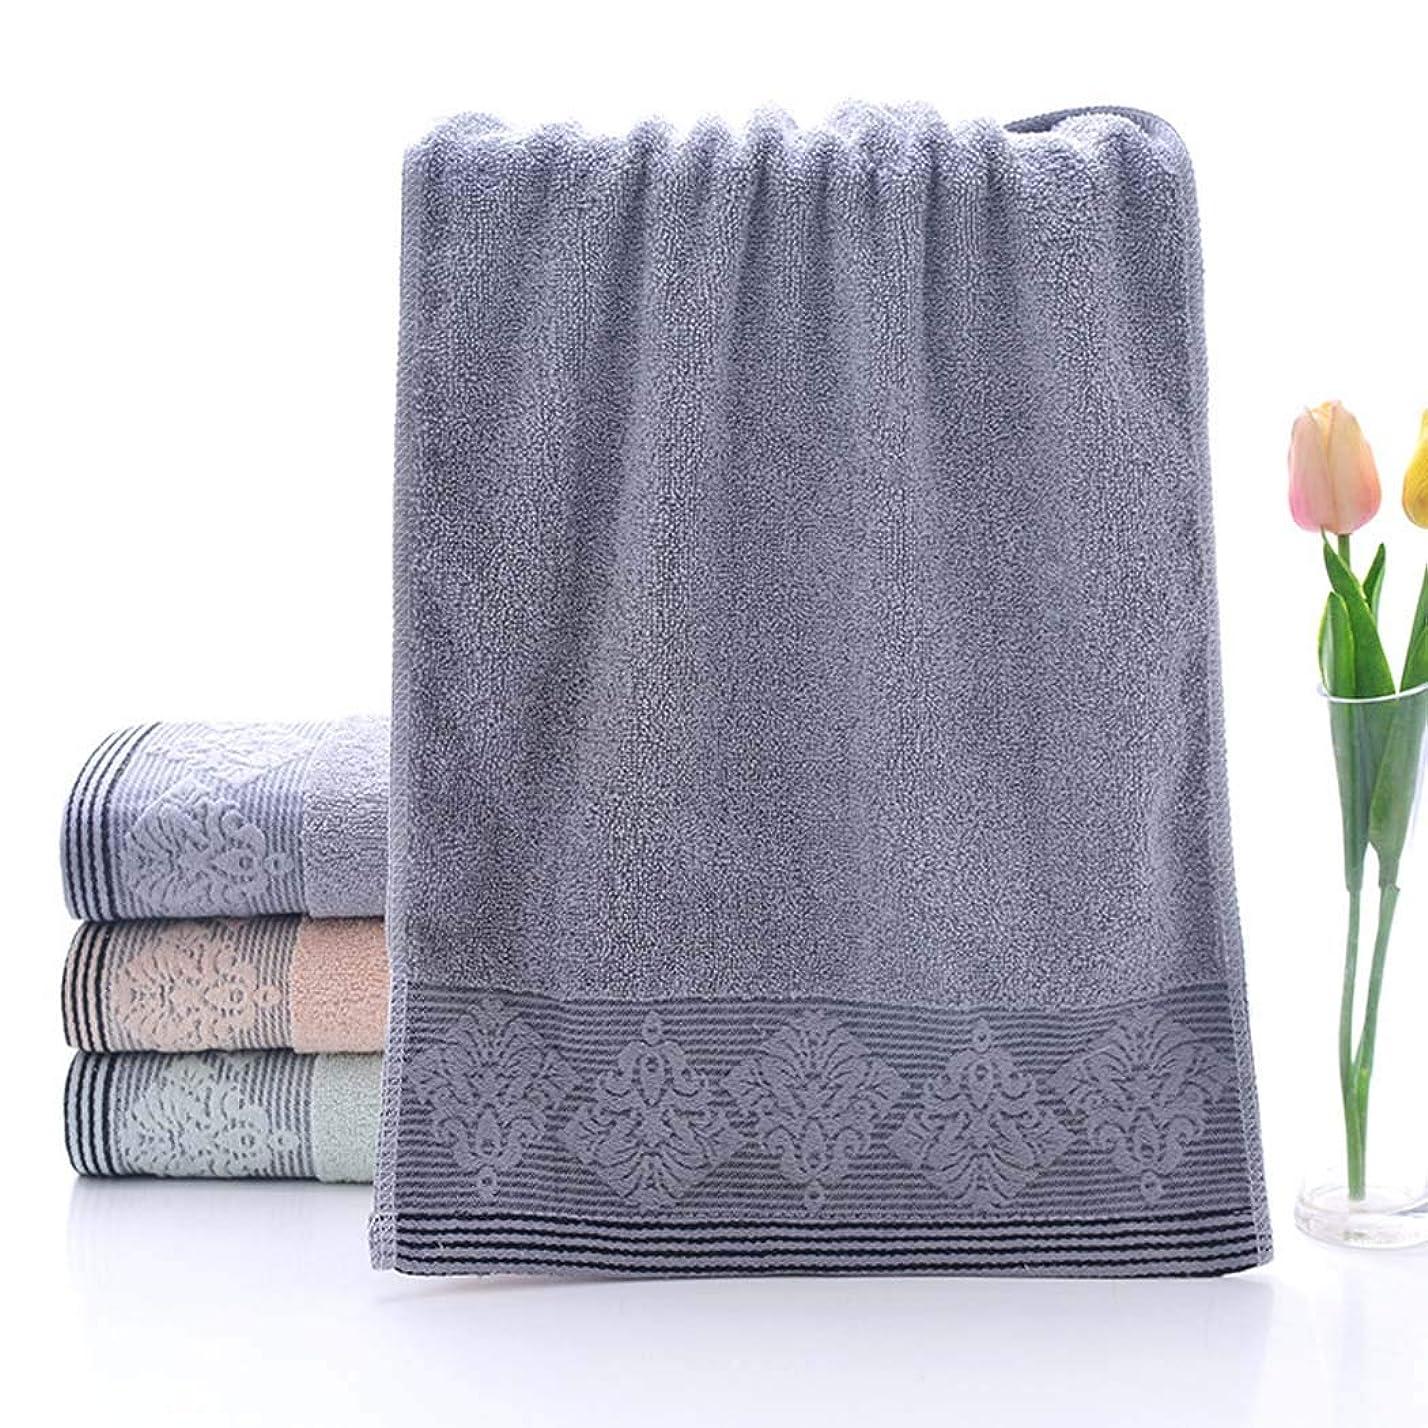 悪化する丘学習綿のタオルの速い乾燥したタオルのスポーツタオルの容易な心配,Gray,33*73cm